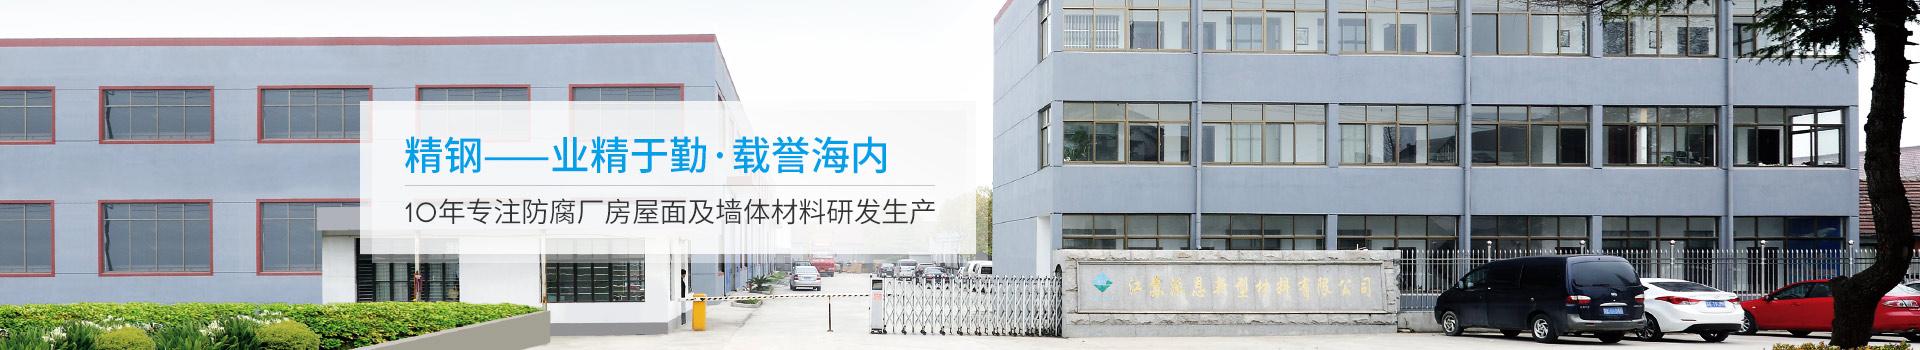 精钢-10年专注防腐厂房屋面及墙体材料研发生产